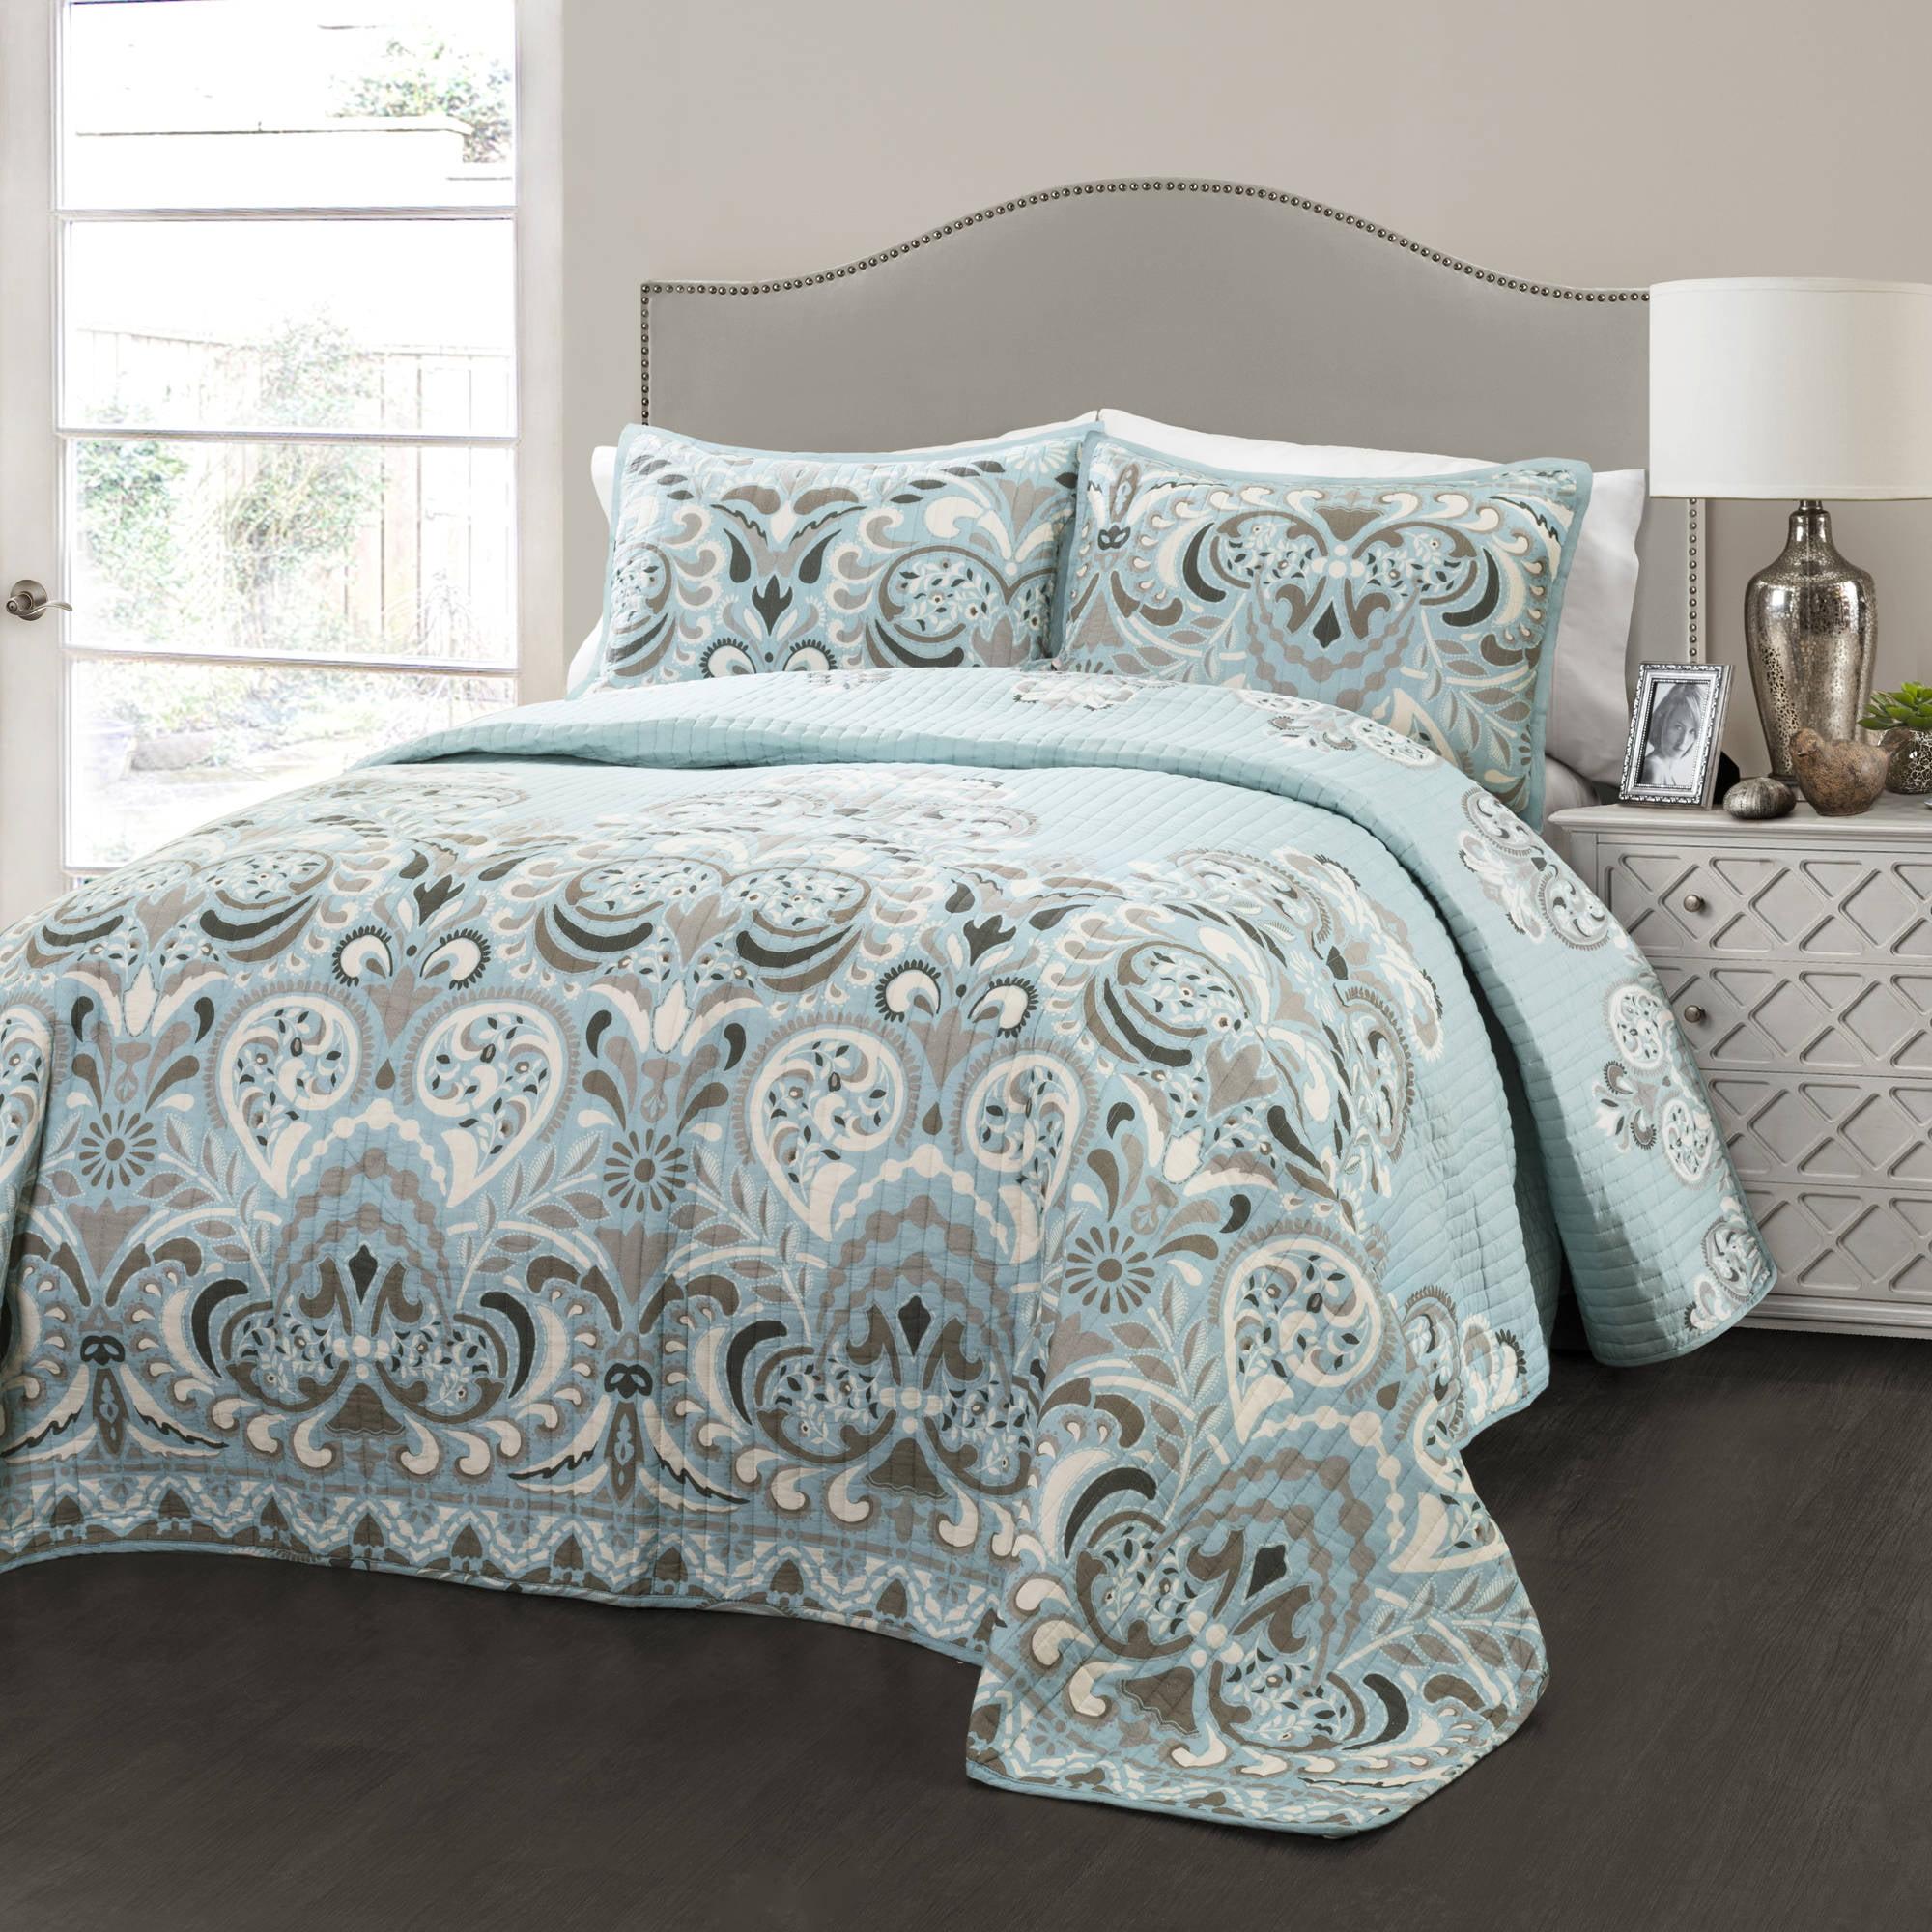 Clara 3-Piece Bedding Quilt Set